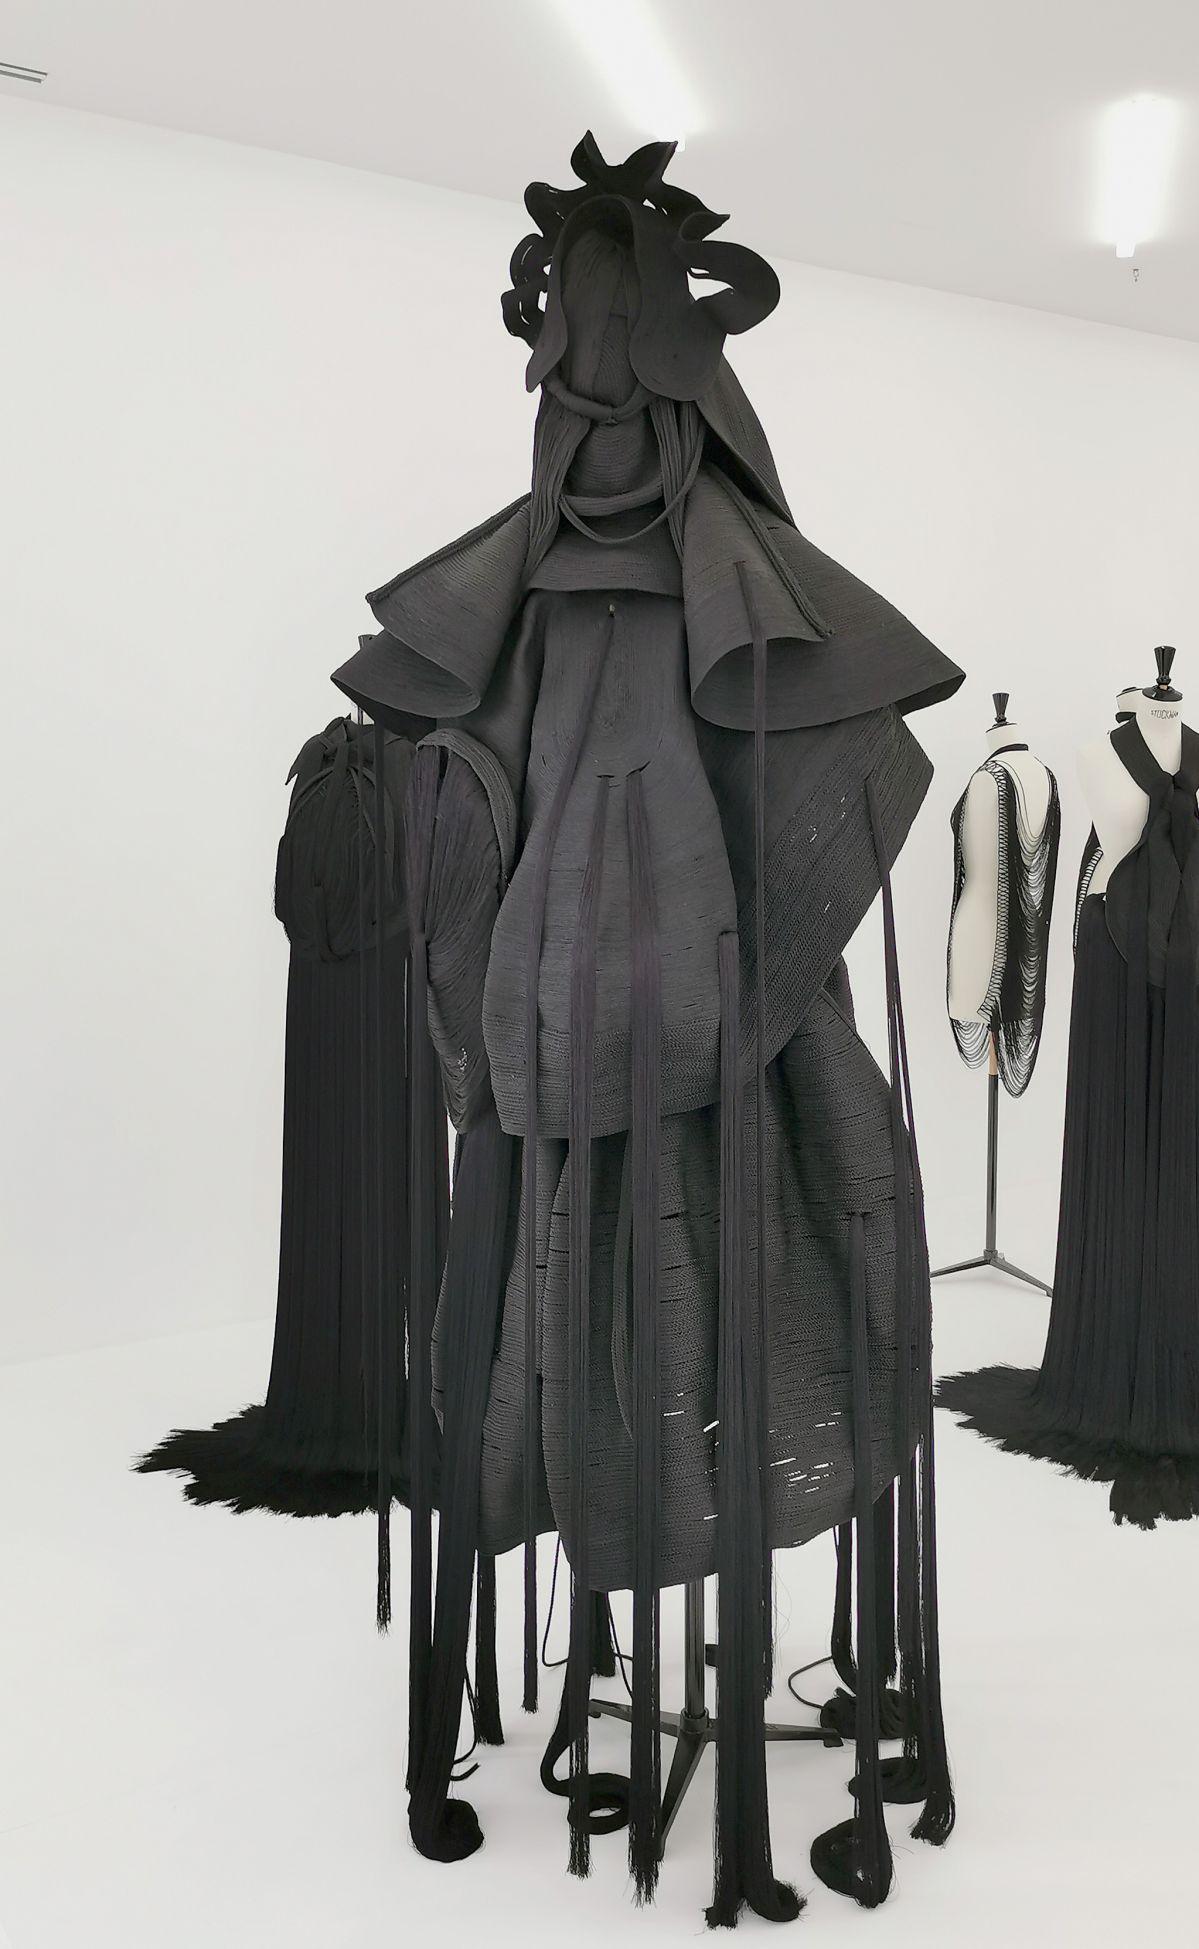 Jeanne Vicerial - Séries Armors - Gardienne, 2019-2020 - Des Vies - ¡ Viva Villa ! 2020 - Les vies minuscules à la Collection Lambert, Avignon